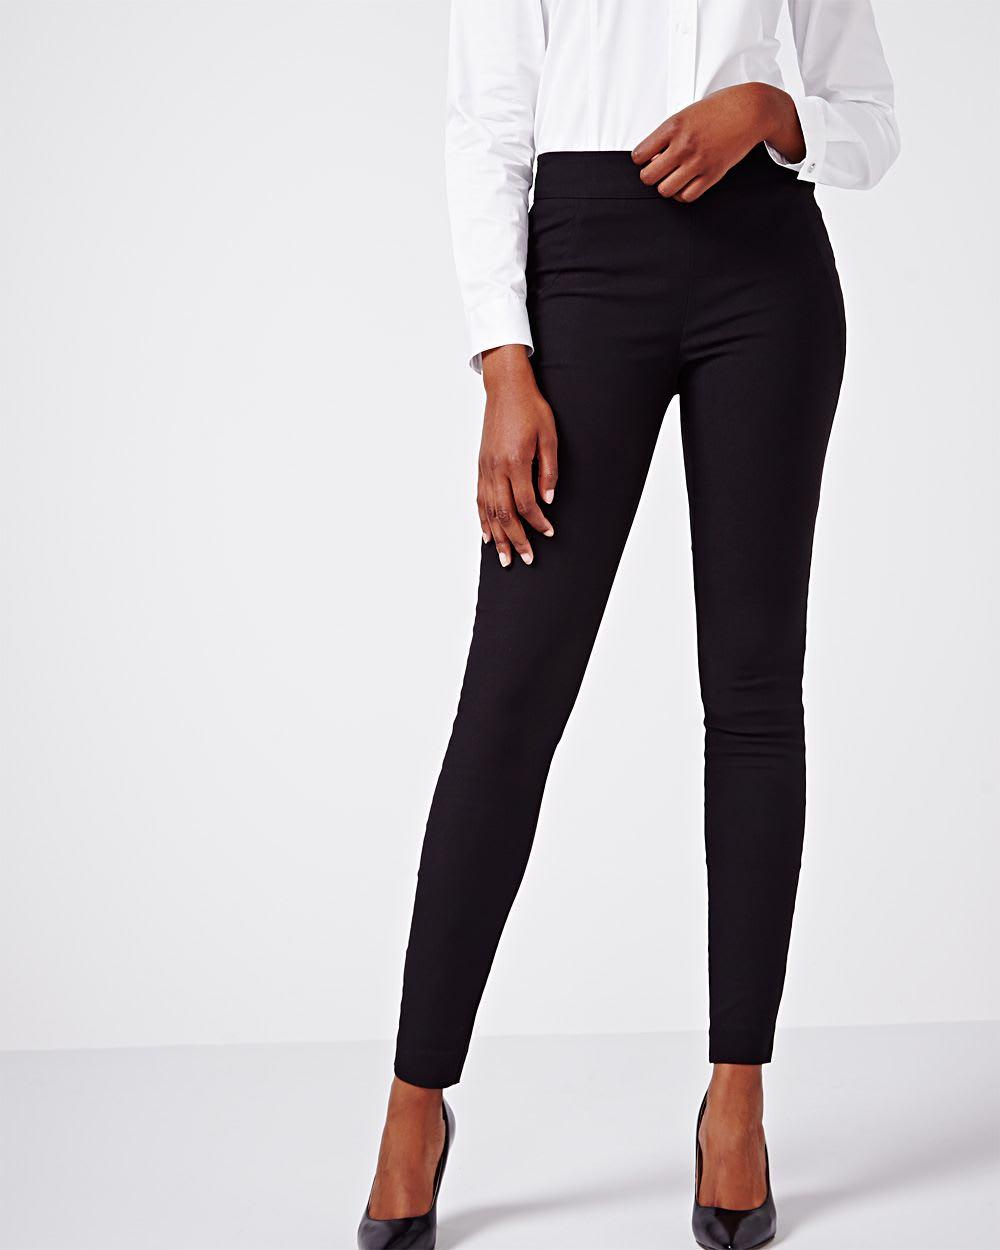 Modern Stretch Solid black legging